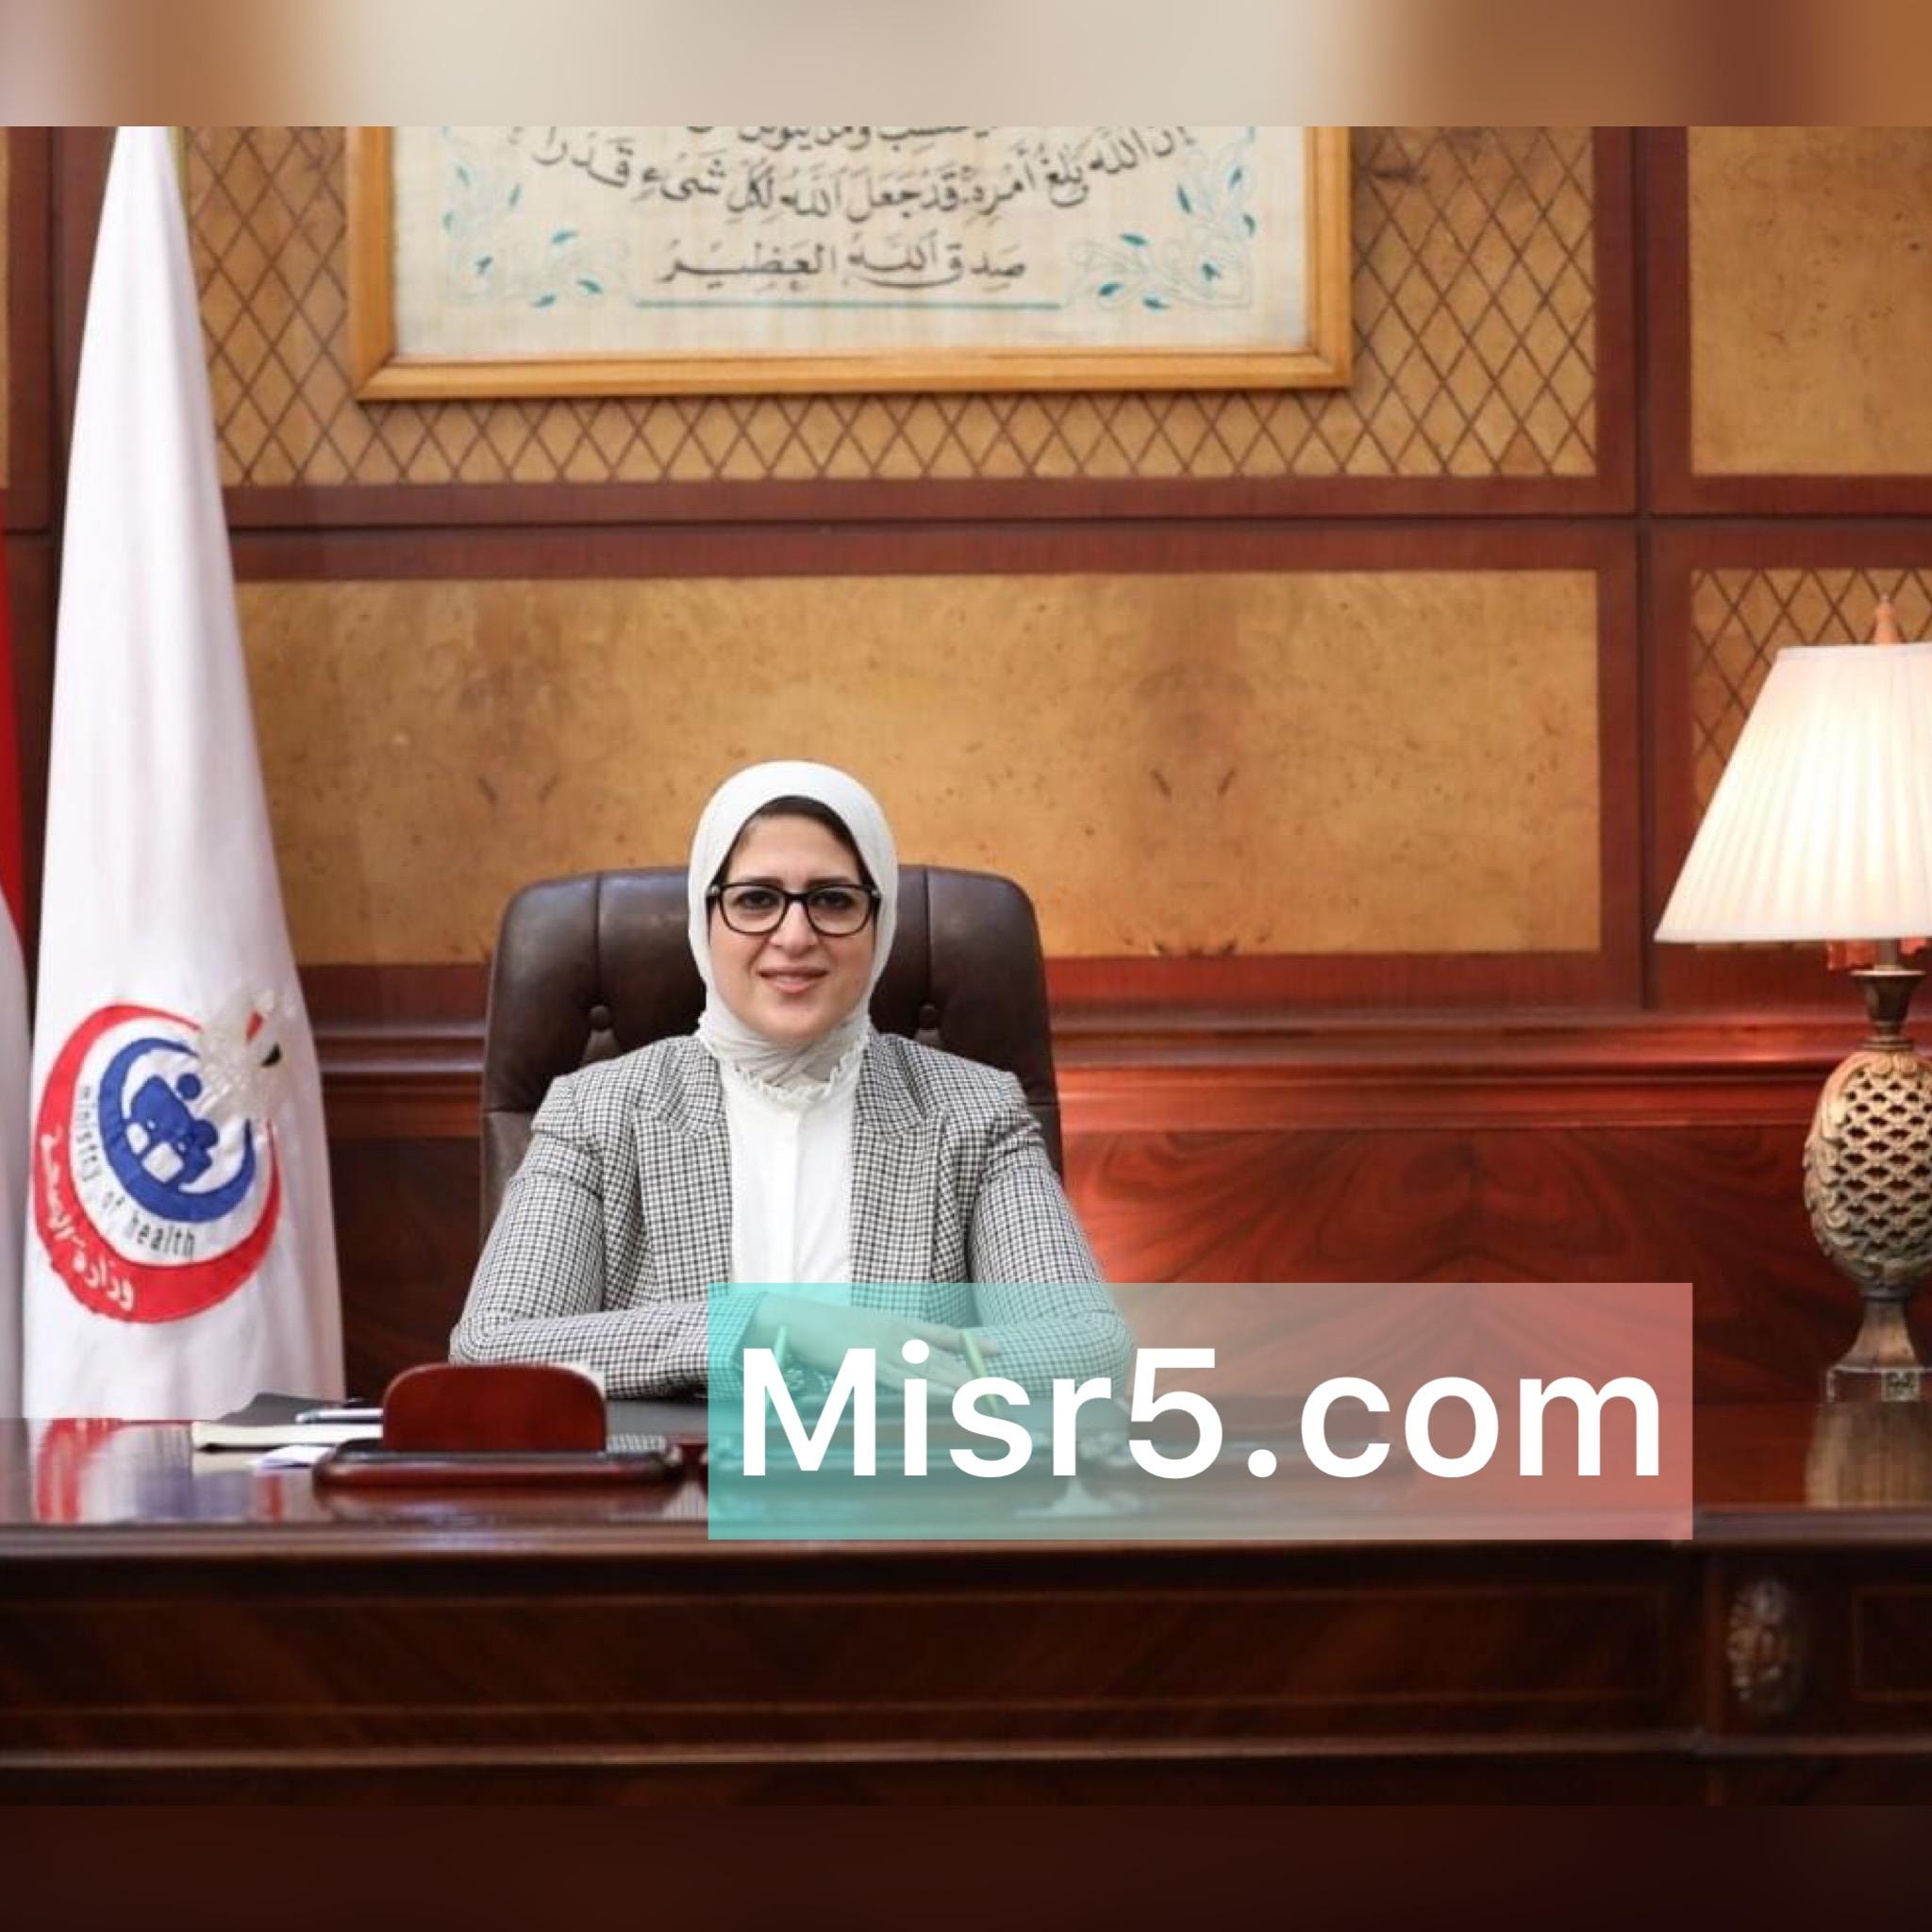 وزيرة الصحة والسكان تعلن عن قرارات وزارية جديدة